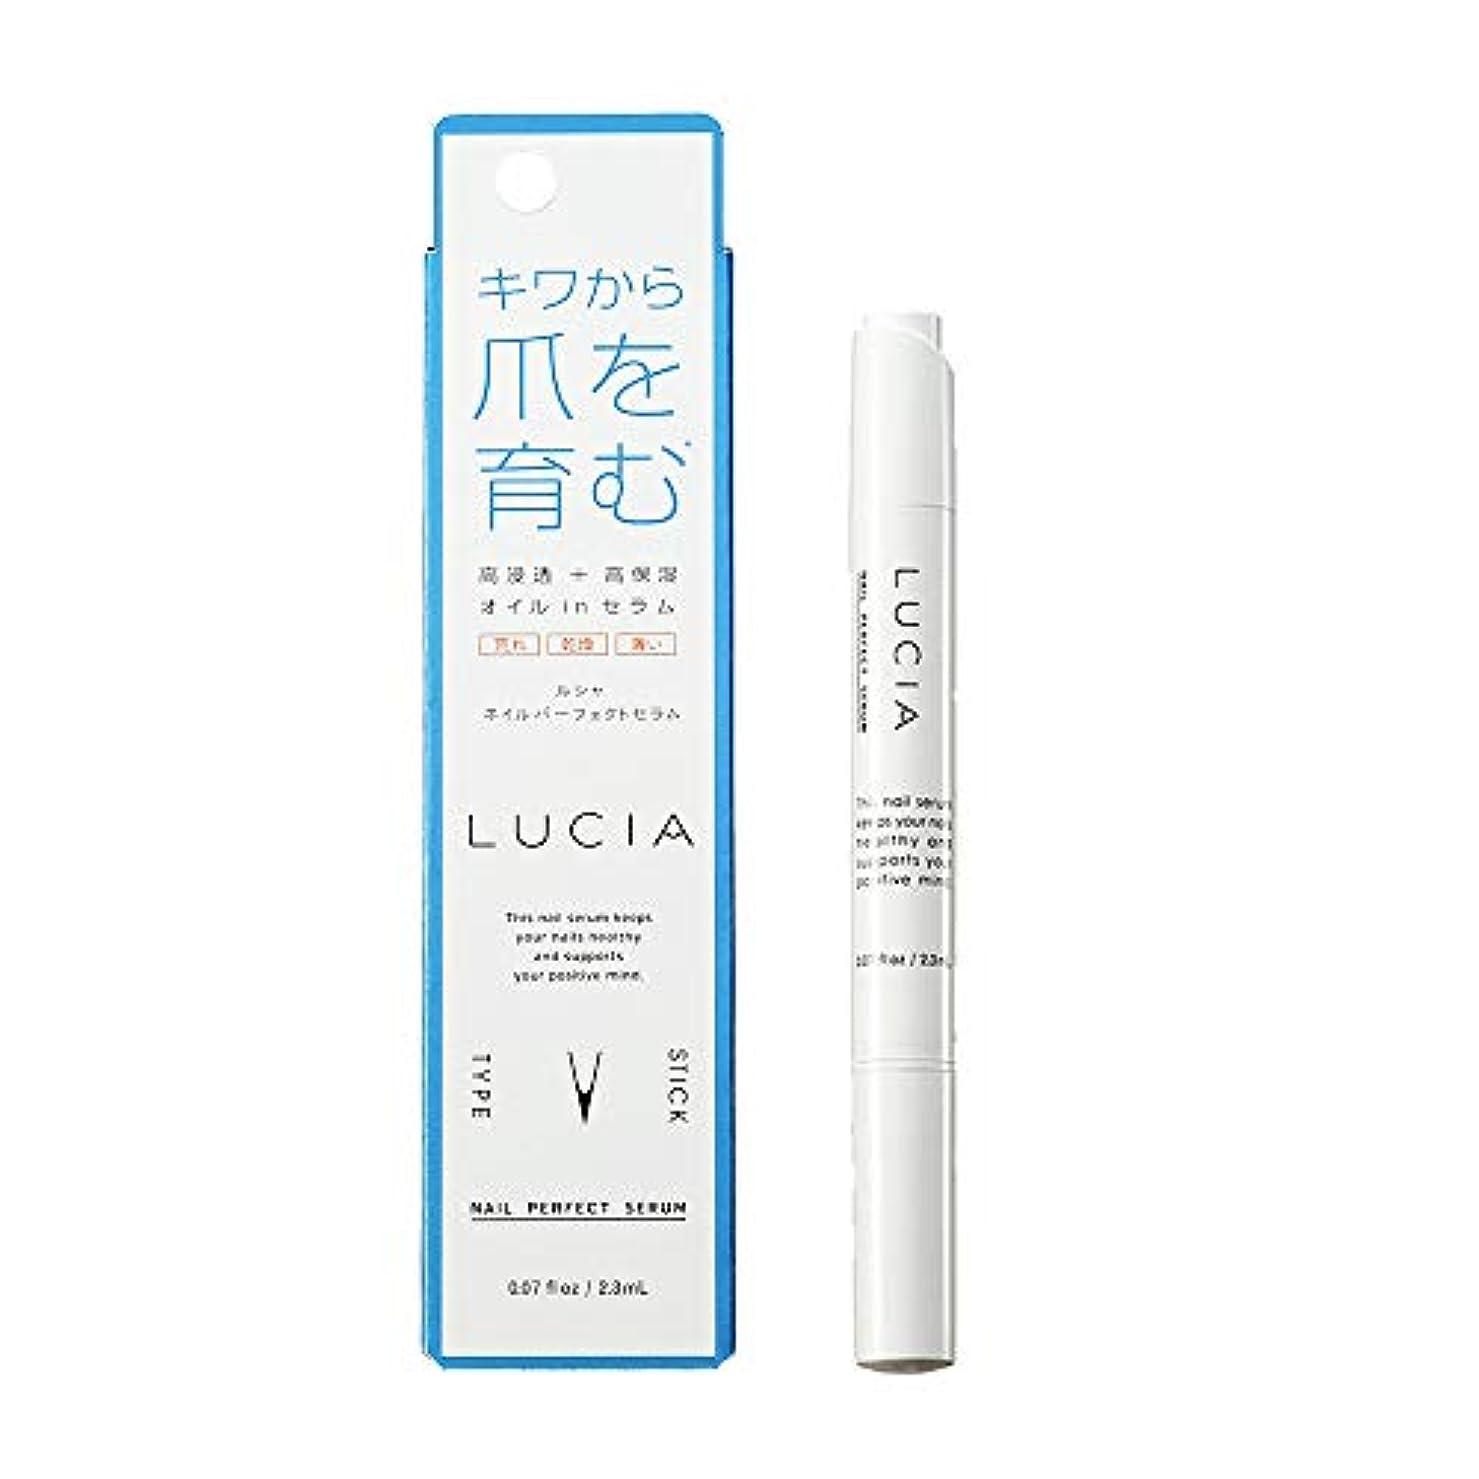 機関衣装抜本的なLUCIA【ルシャ】ネイルパーフェクトセラム 2.3ml